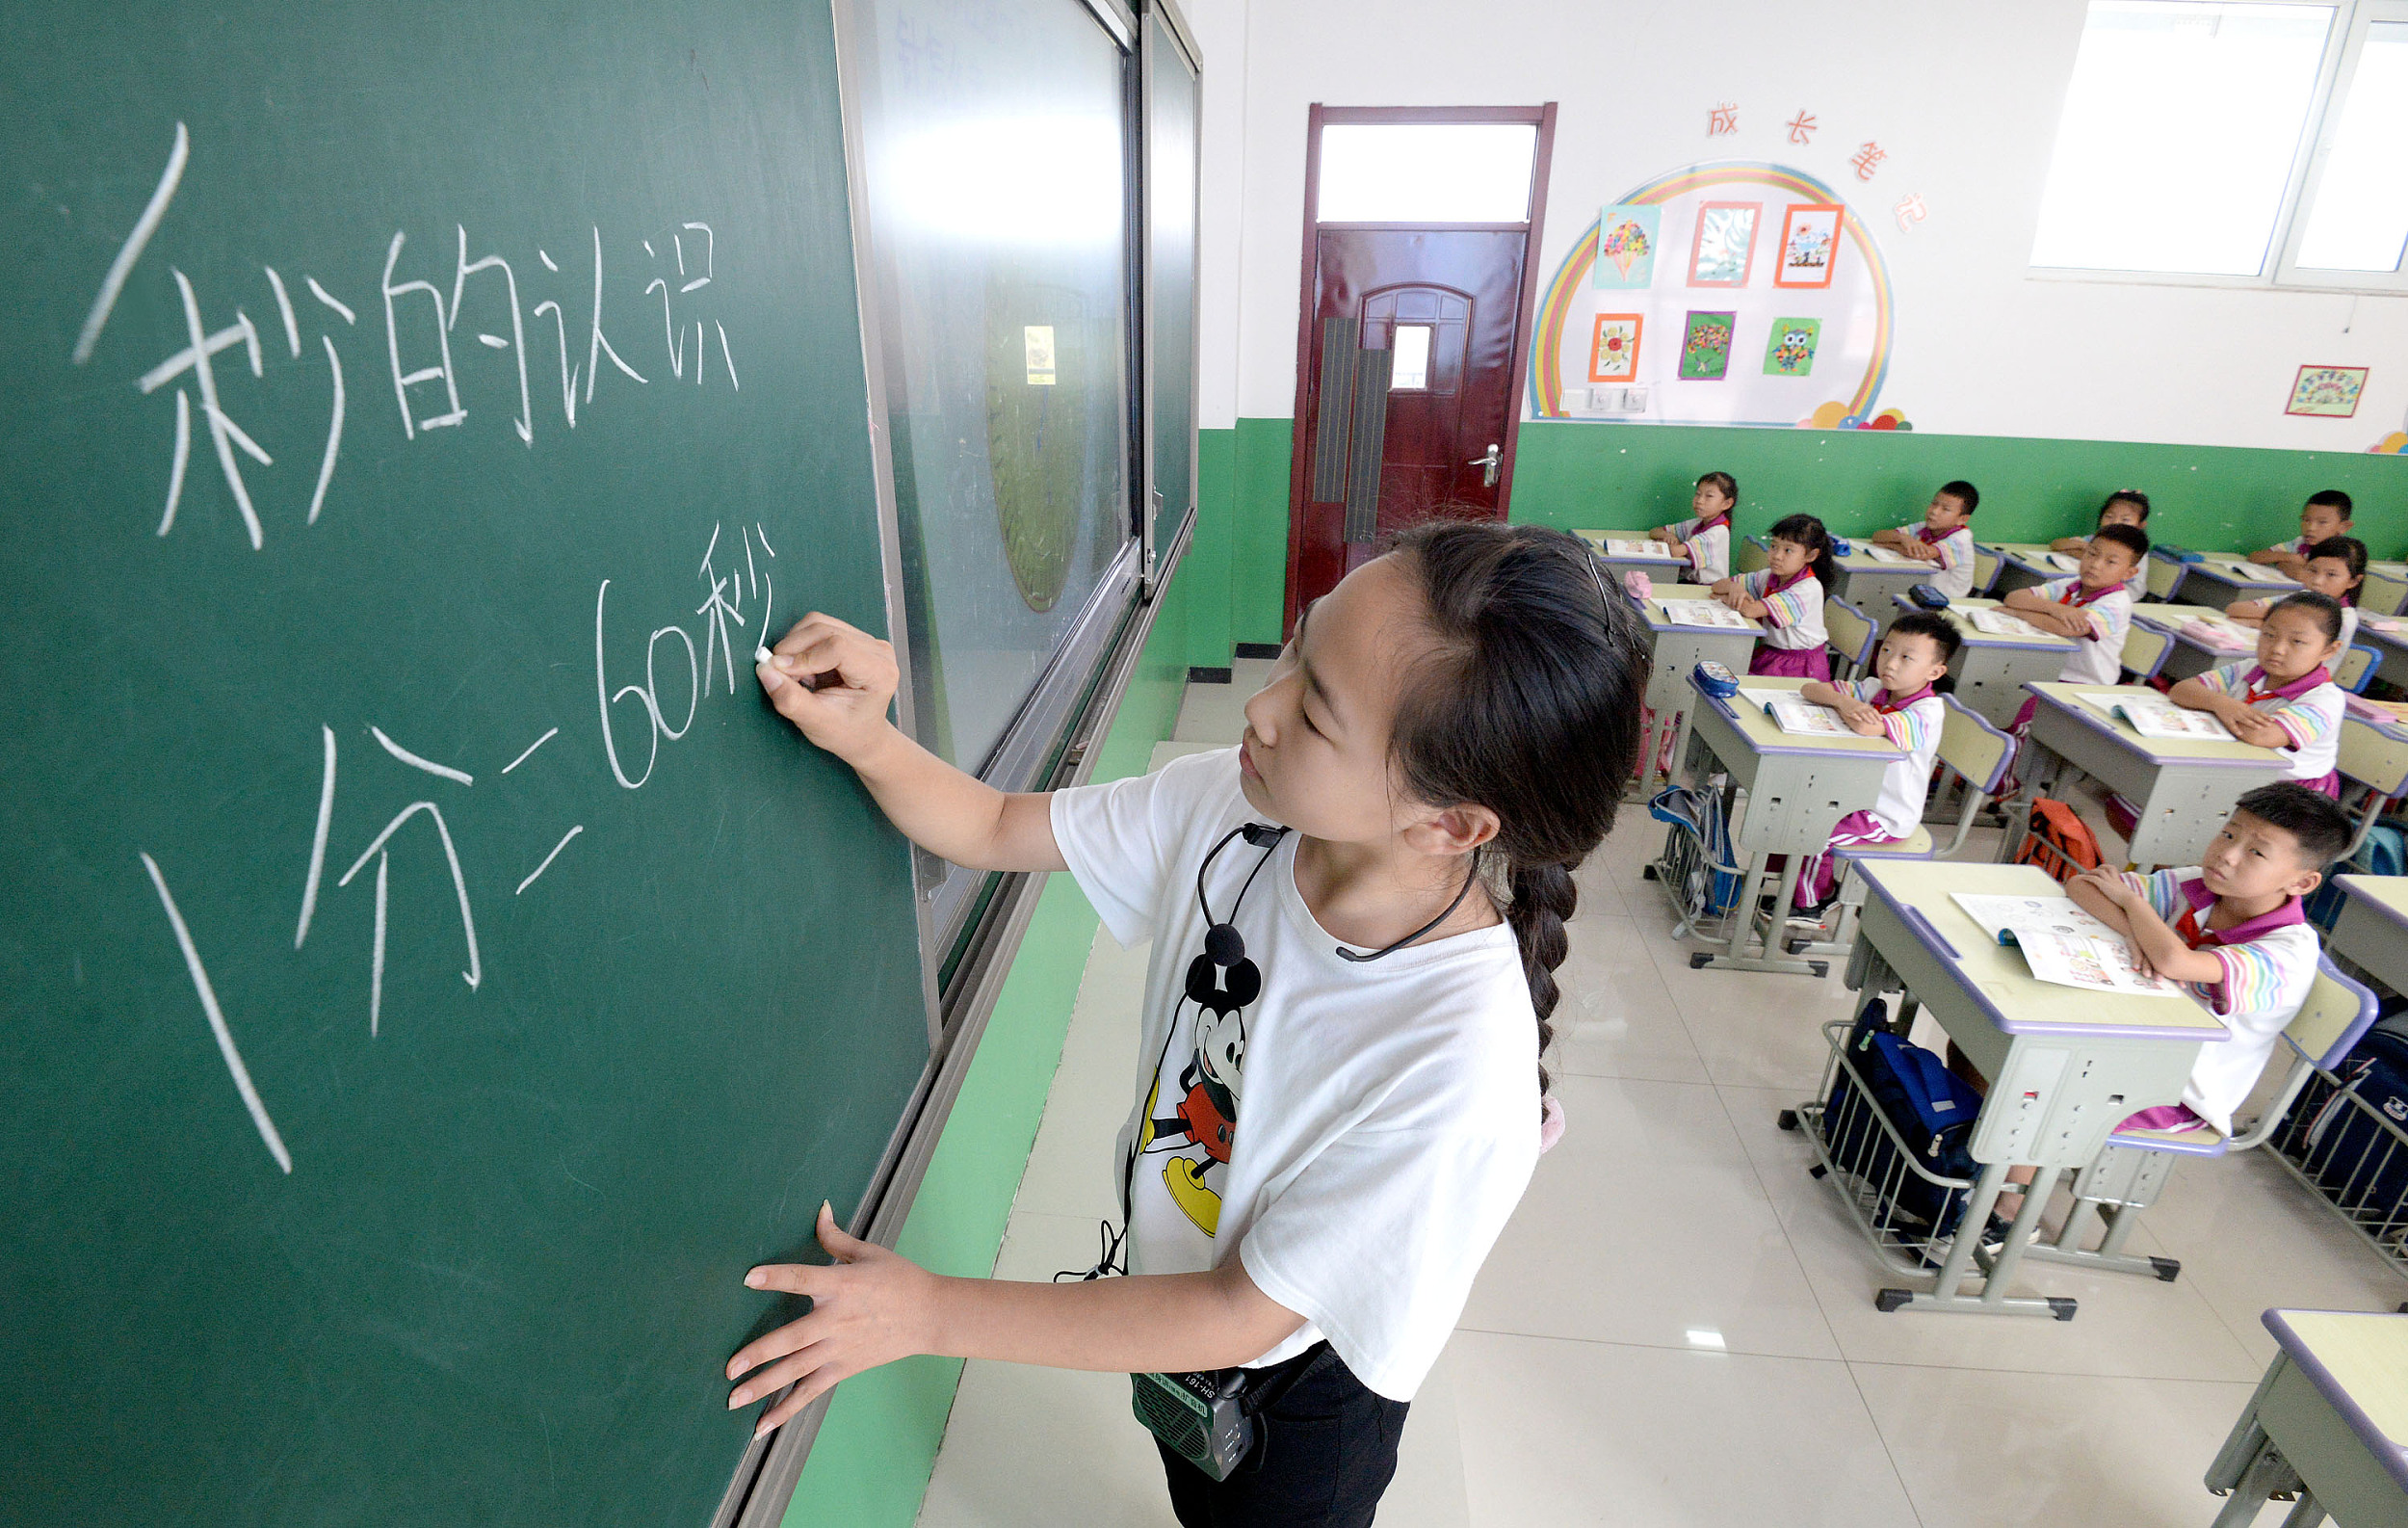 李大潜院士:回归数学教育本质